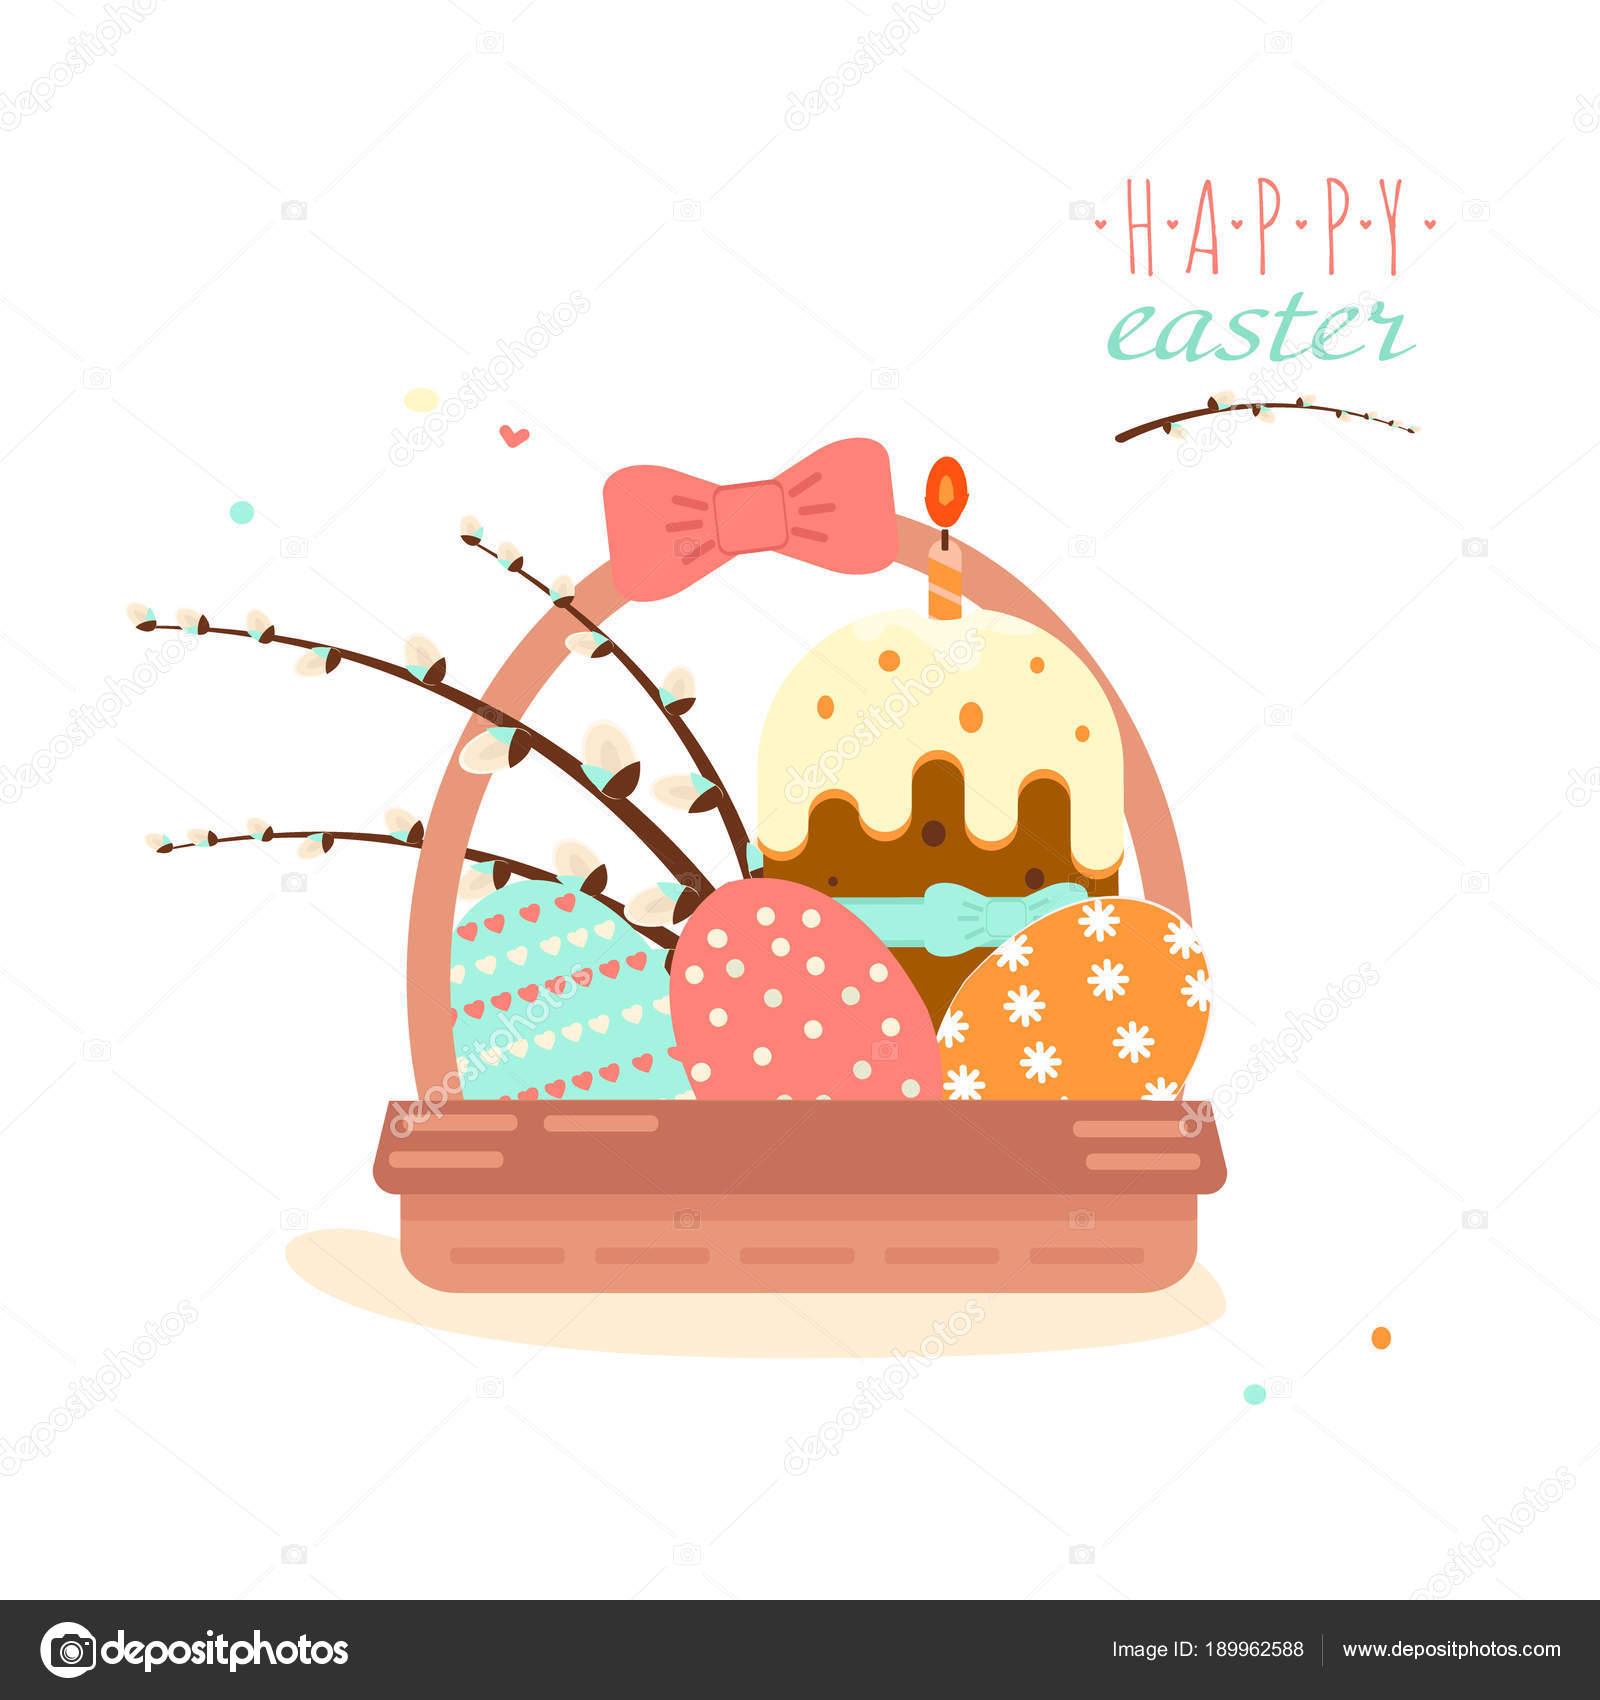 Bunte Süße Frohe Ostern Grußkarte Vektor Bild Von Ostern Symbolen